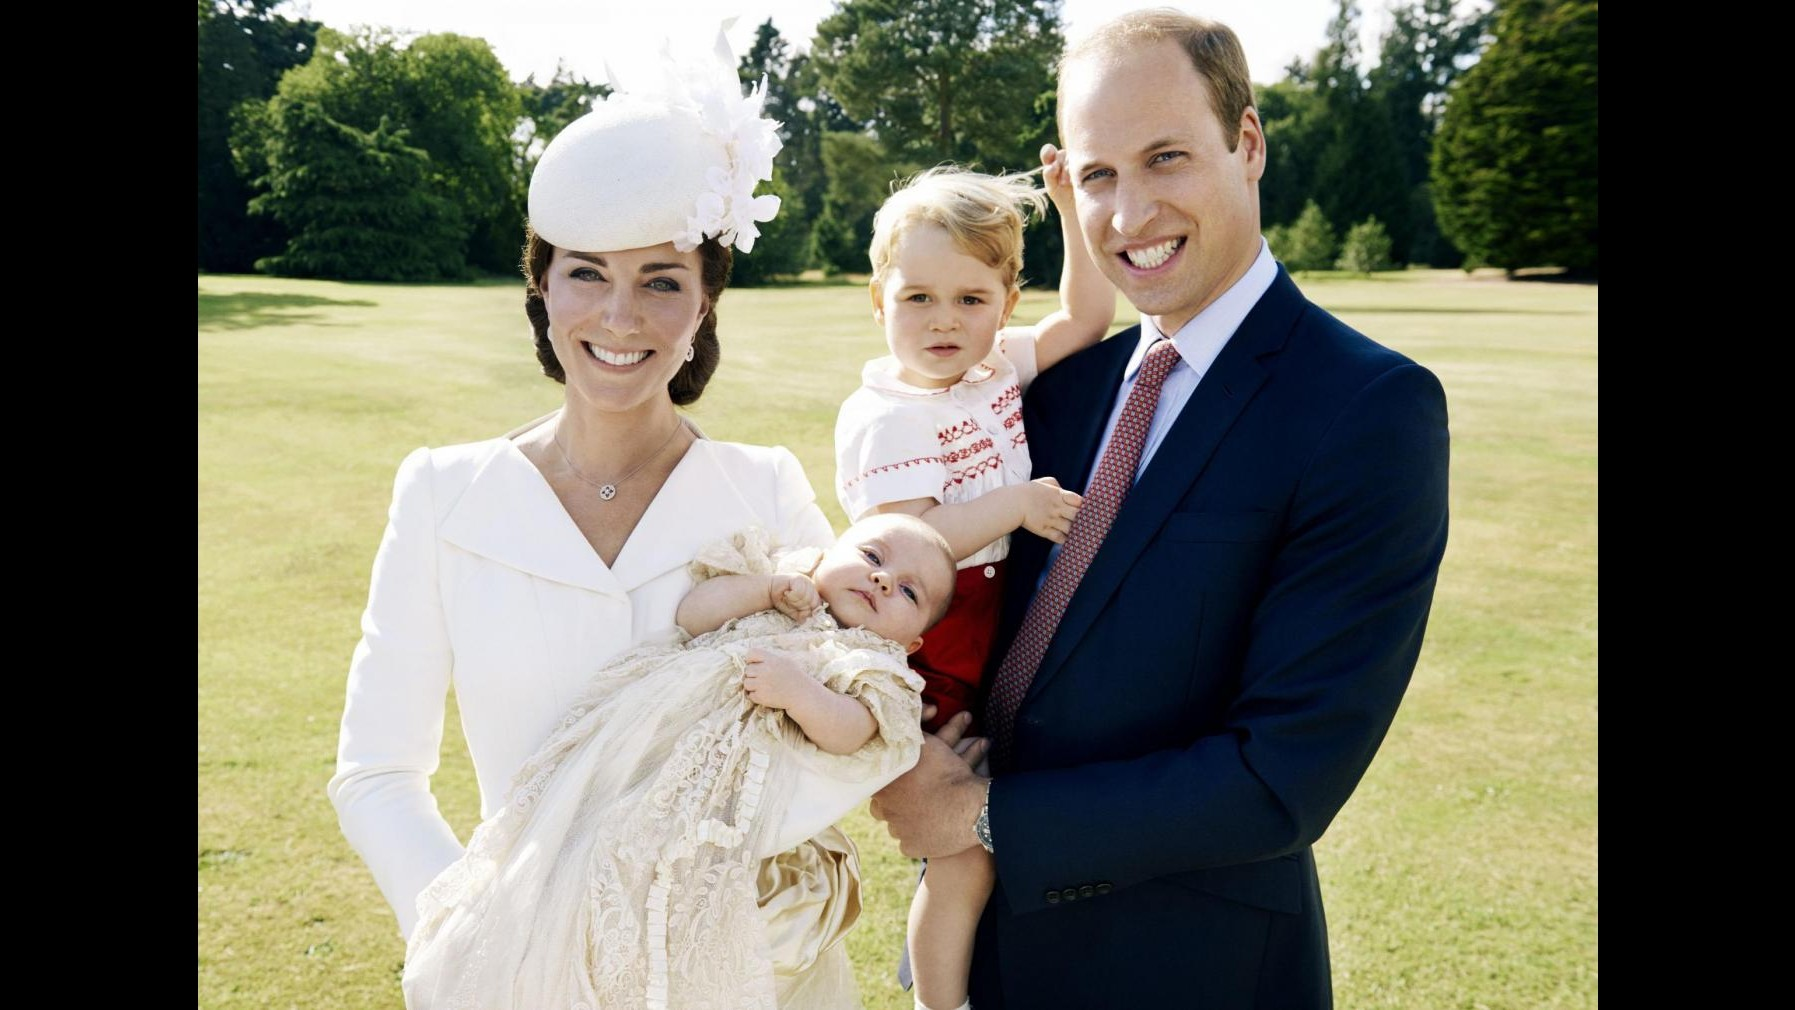 Il battesimo della principessa Charlotte va su Twitter